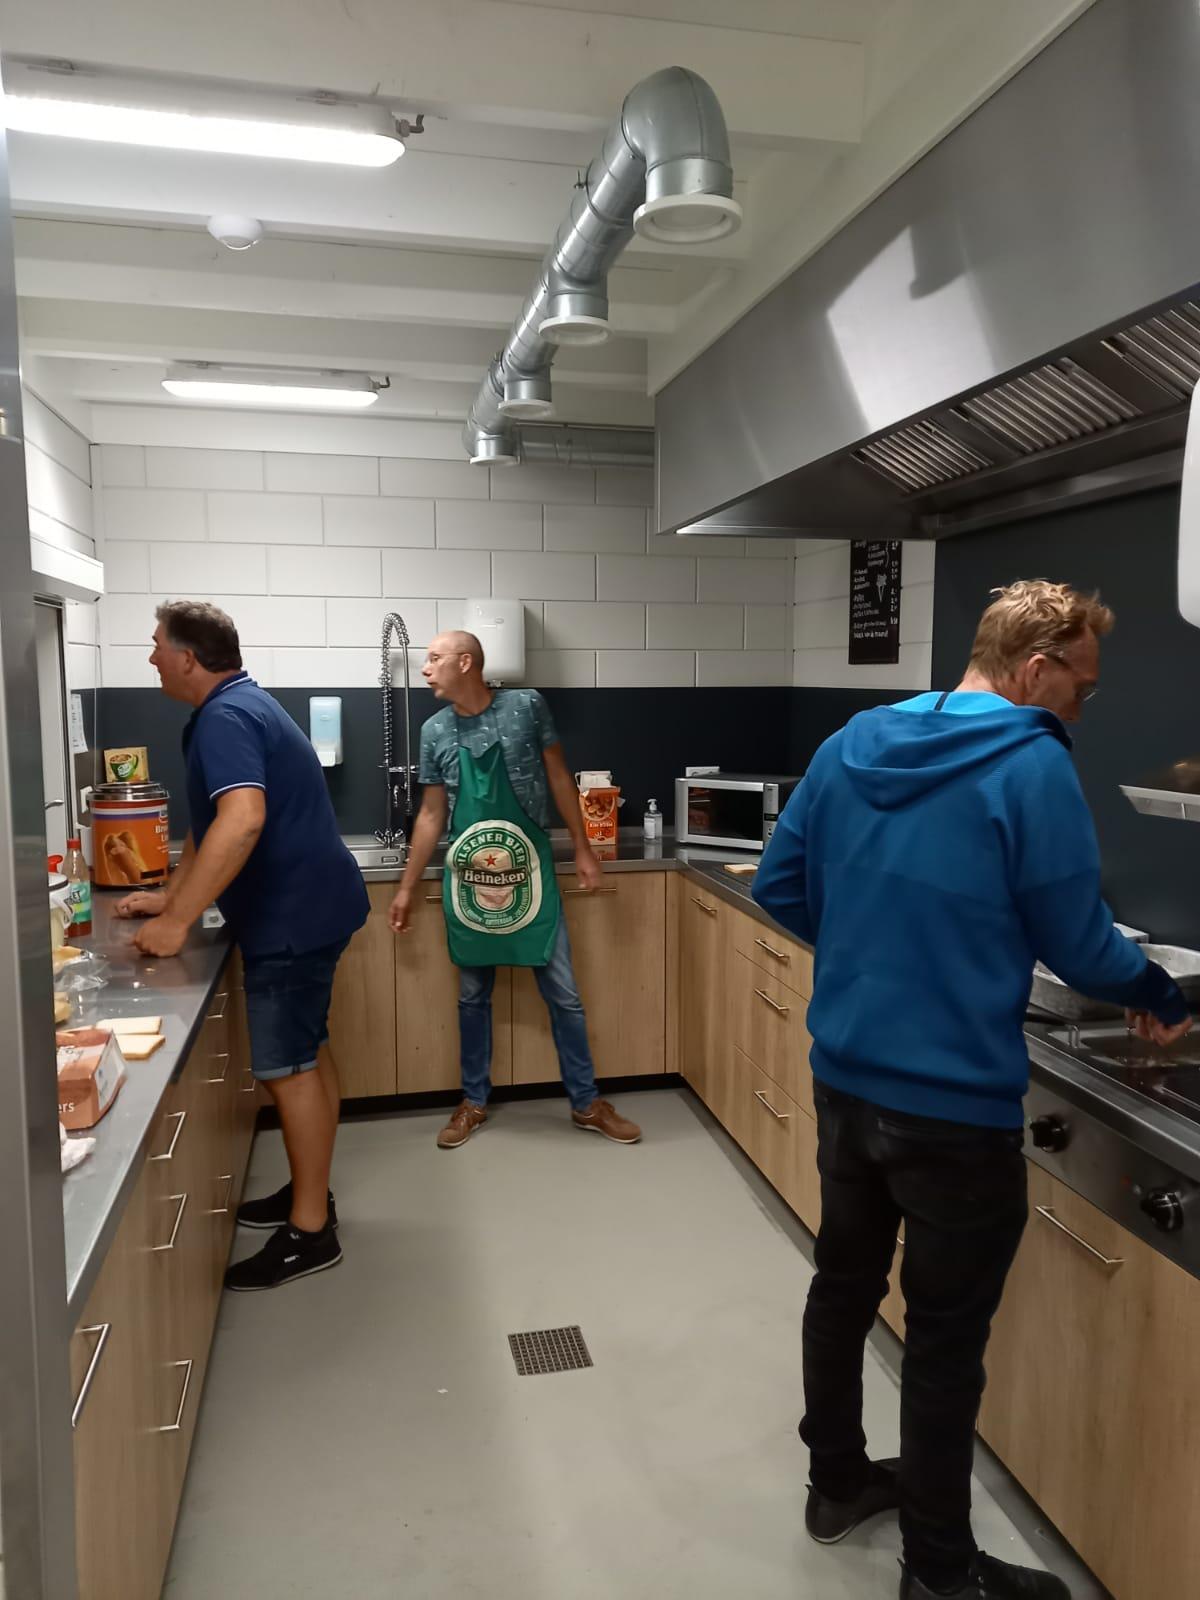 Onze prachtige keuken in full operations!